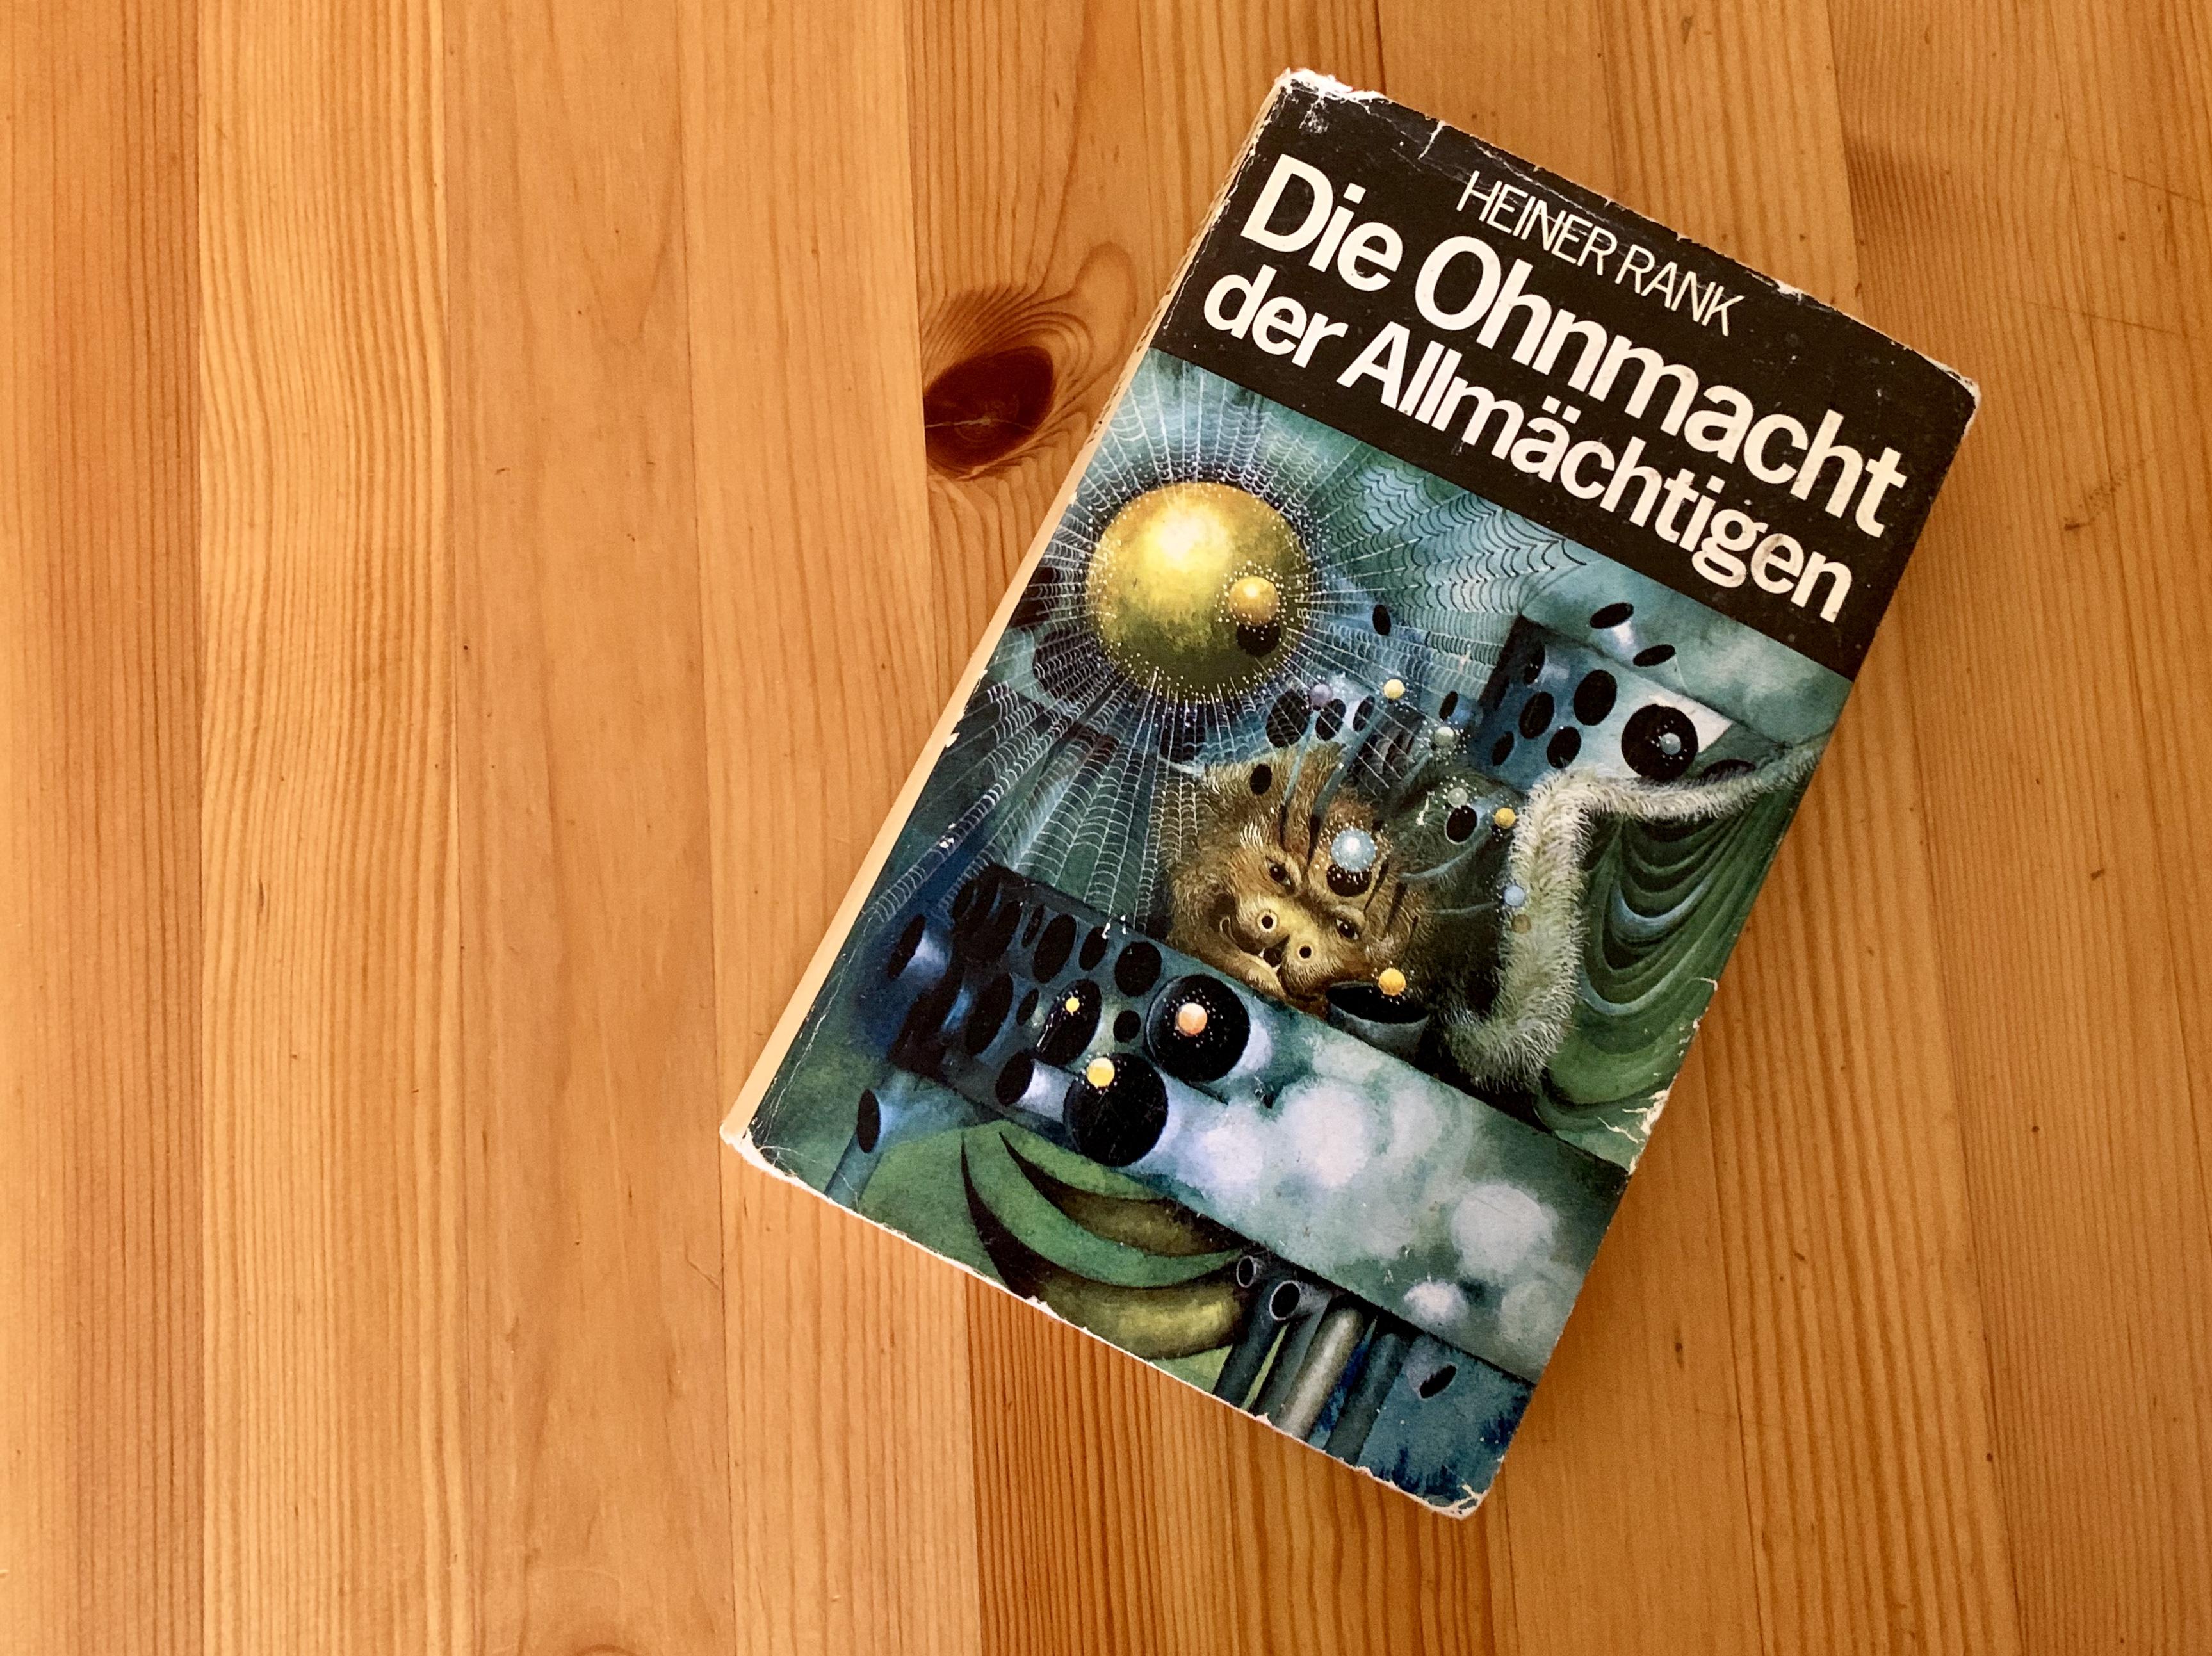 Die Ohnmacht der Allmächtigen - Heiner Rank - Buchcover - Umschlag: Carl Hoffmann